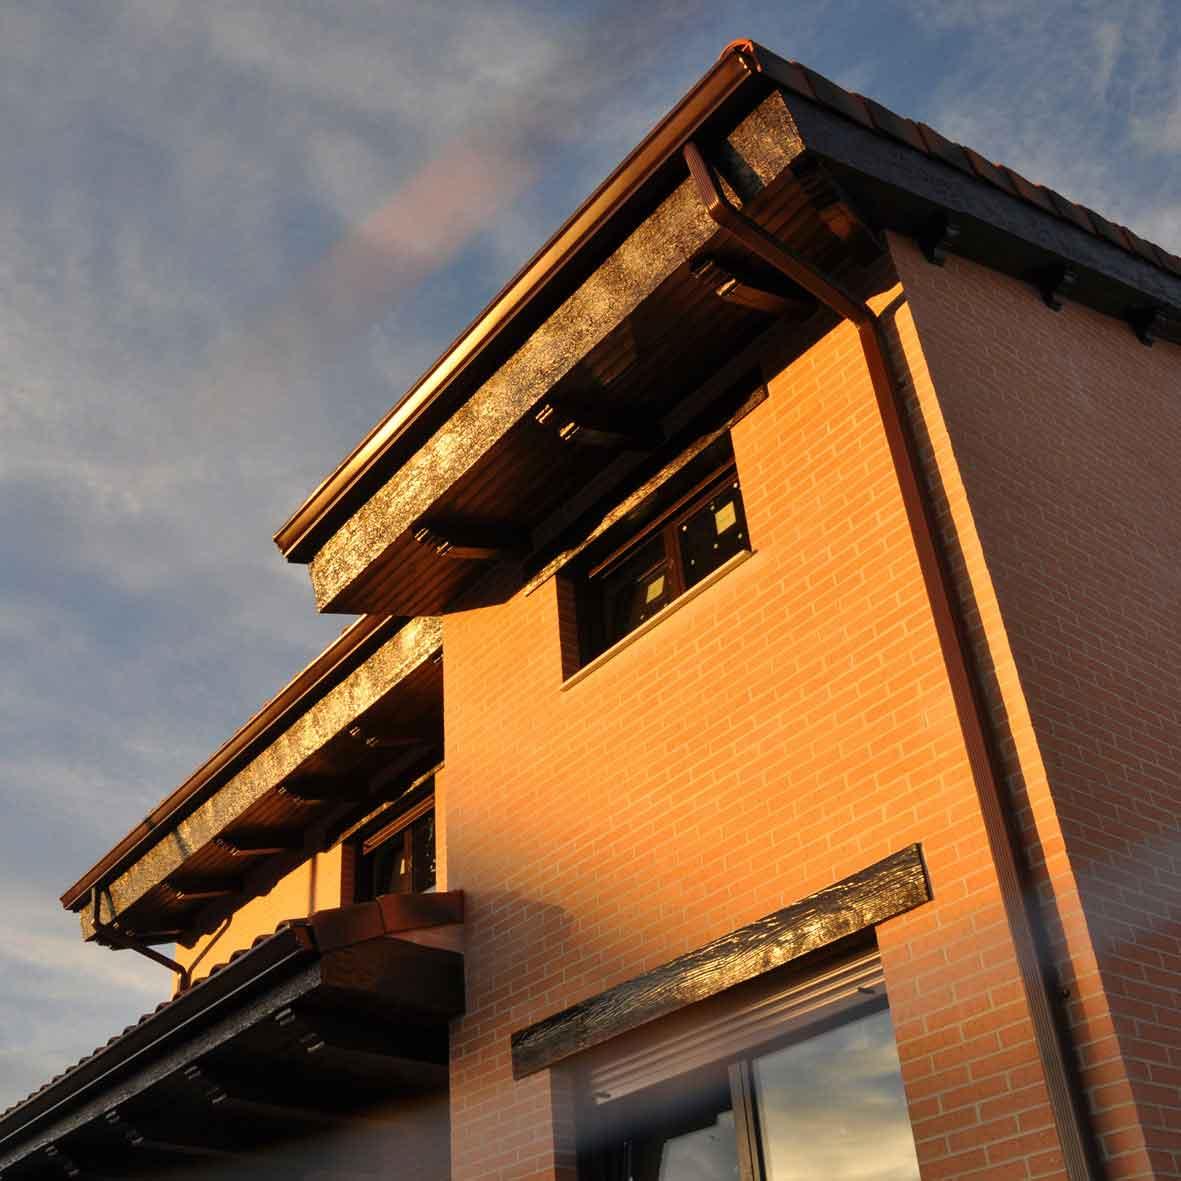 Vivienda unifamiliar en urbanizaci n el camin n - Estudio arquitectura asturias ...